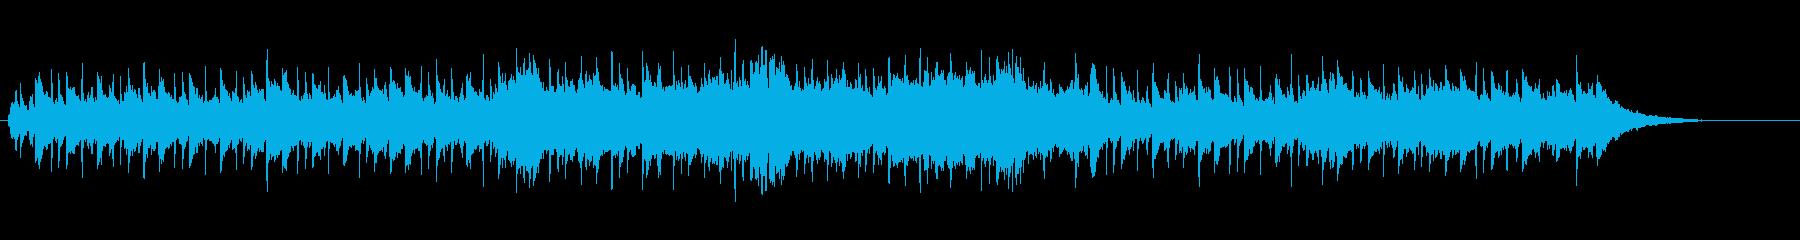 落ちついたカジュアルなポップバラードの再生済みの波形